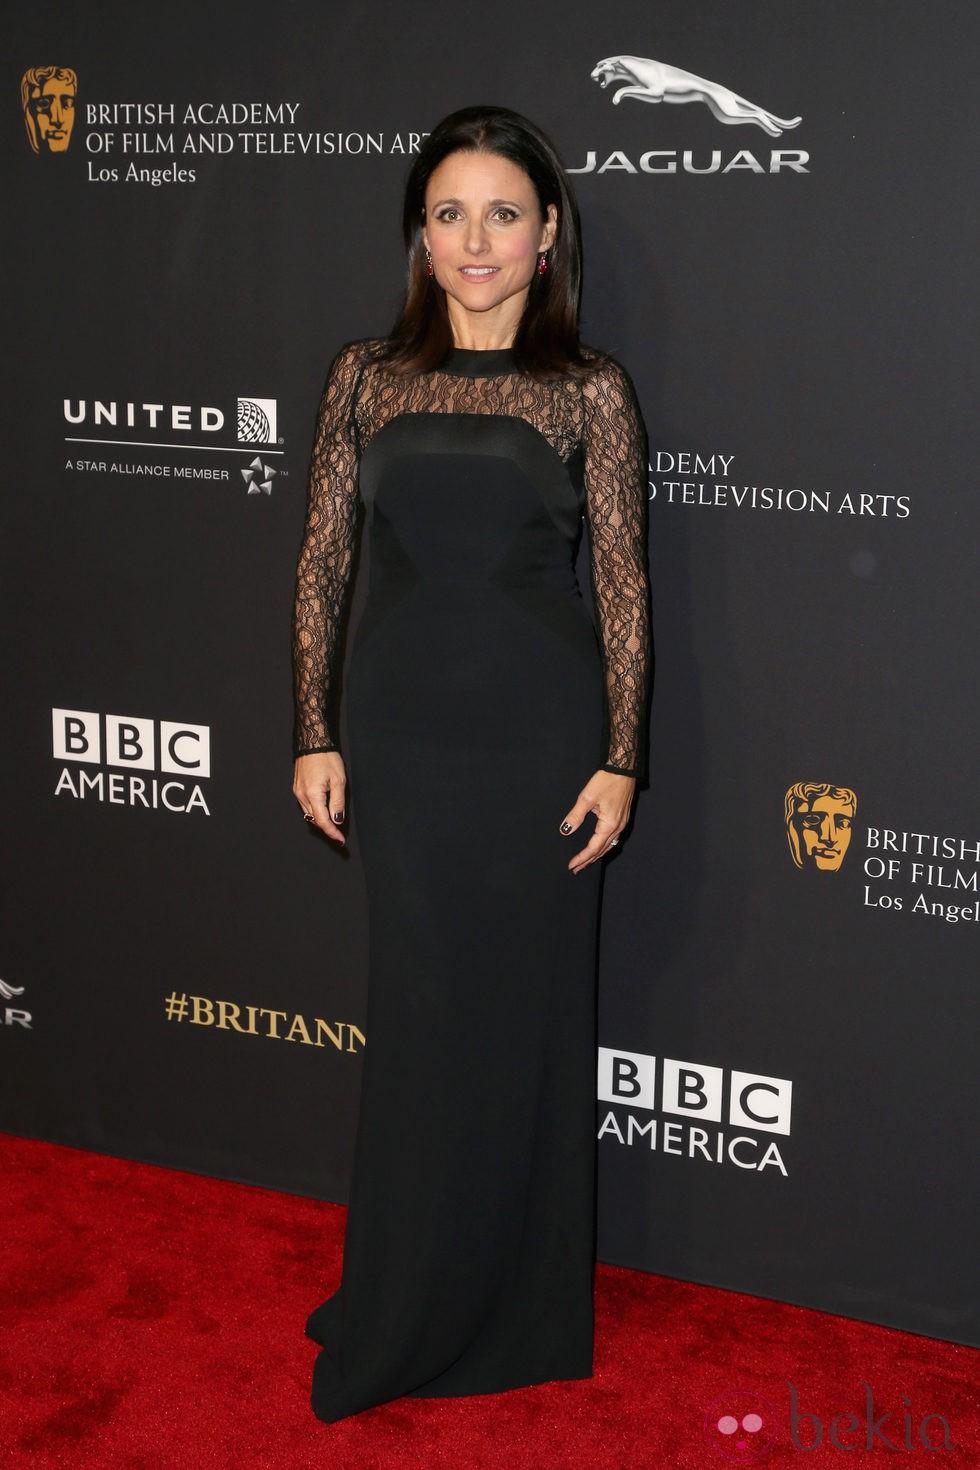 Julia Louis-Dreyfus en la entrega de los Premios Bafta Britannia 2014